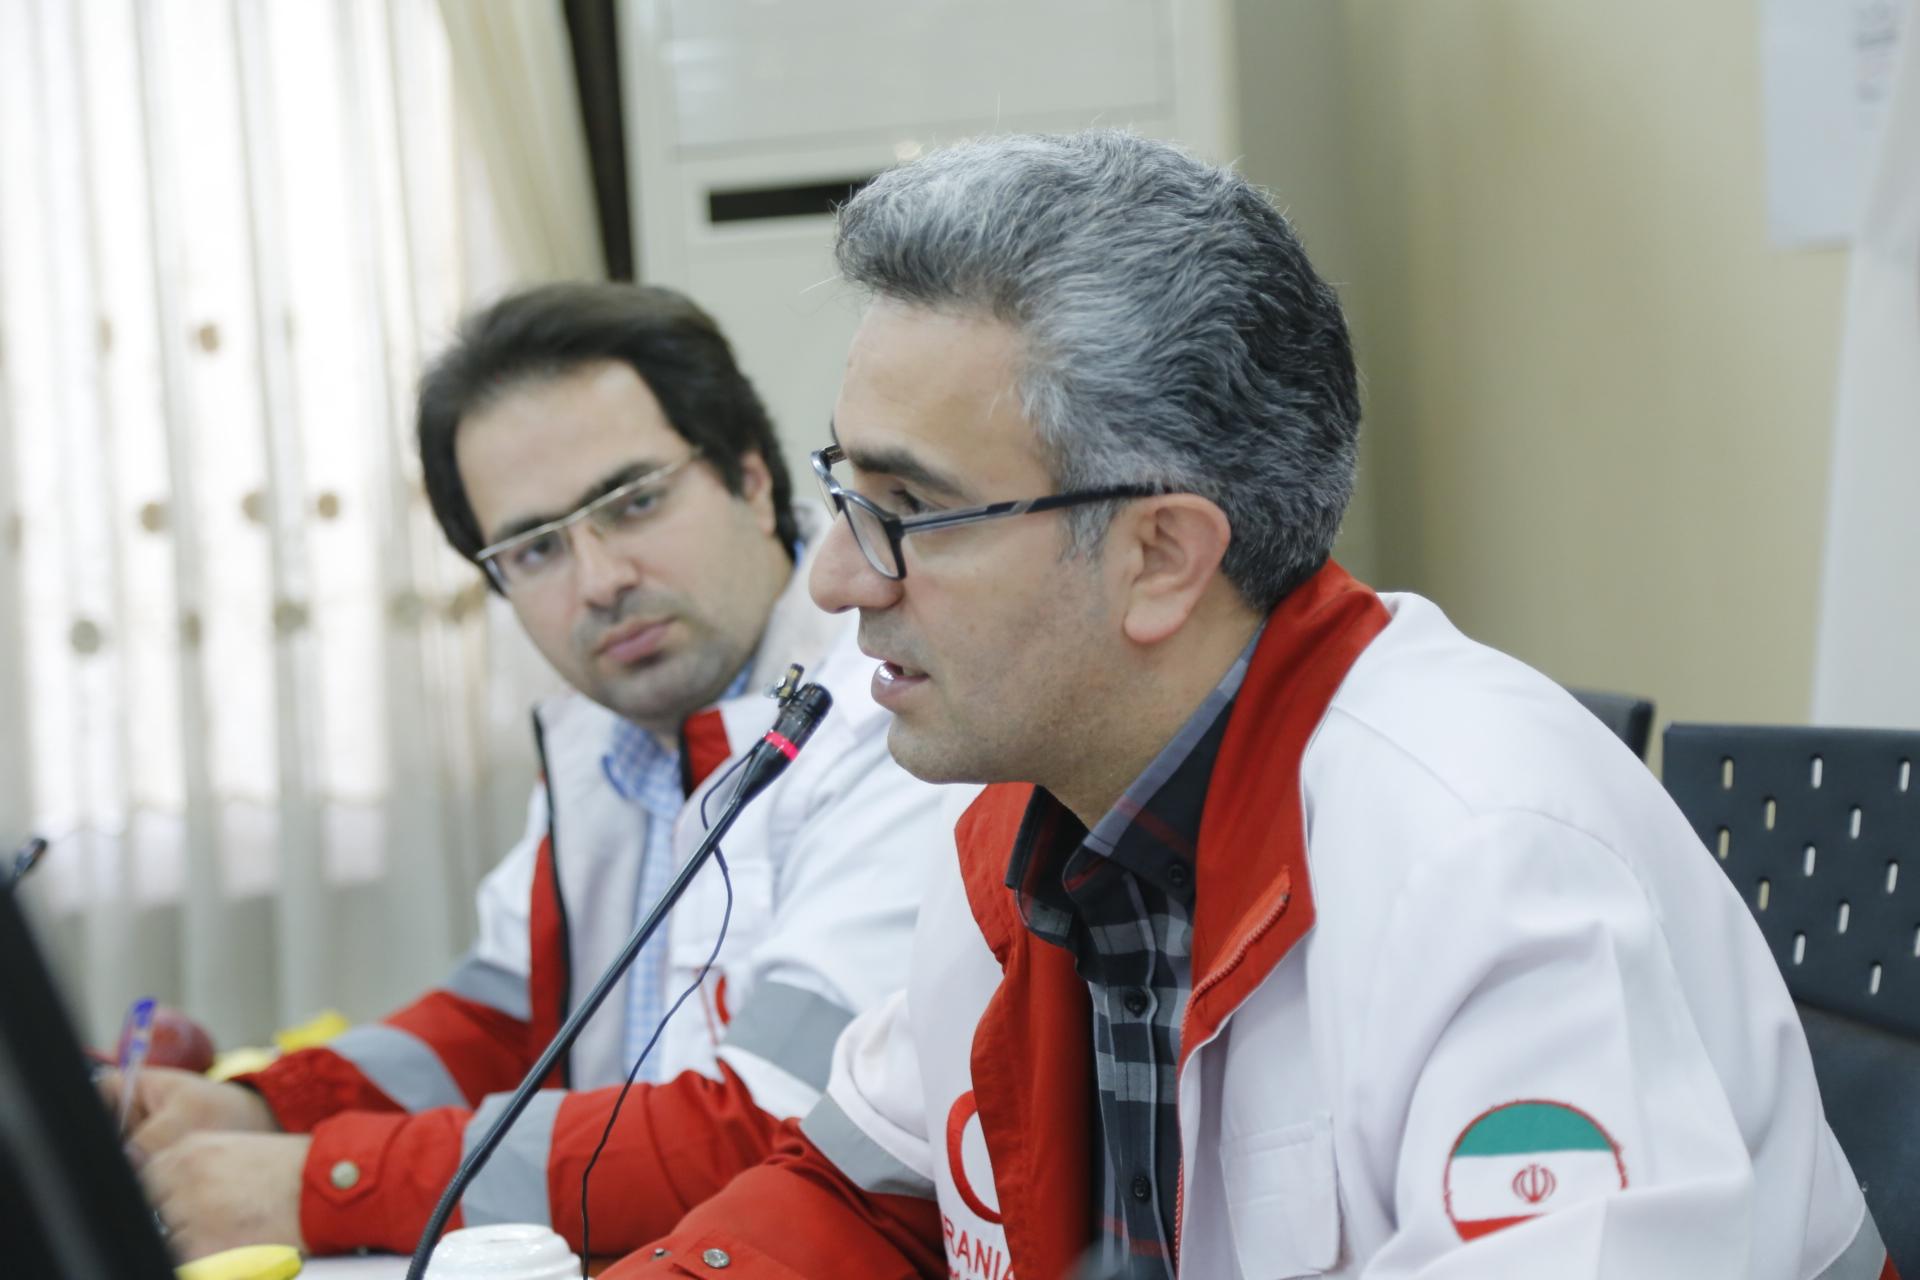 نشست خبری مدیر عامل جمعیت هلال احمر مازندران برگزار شد